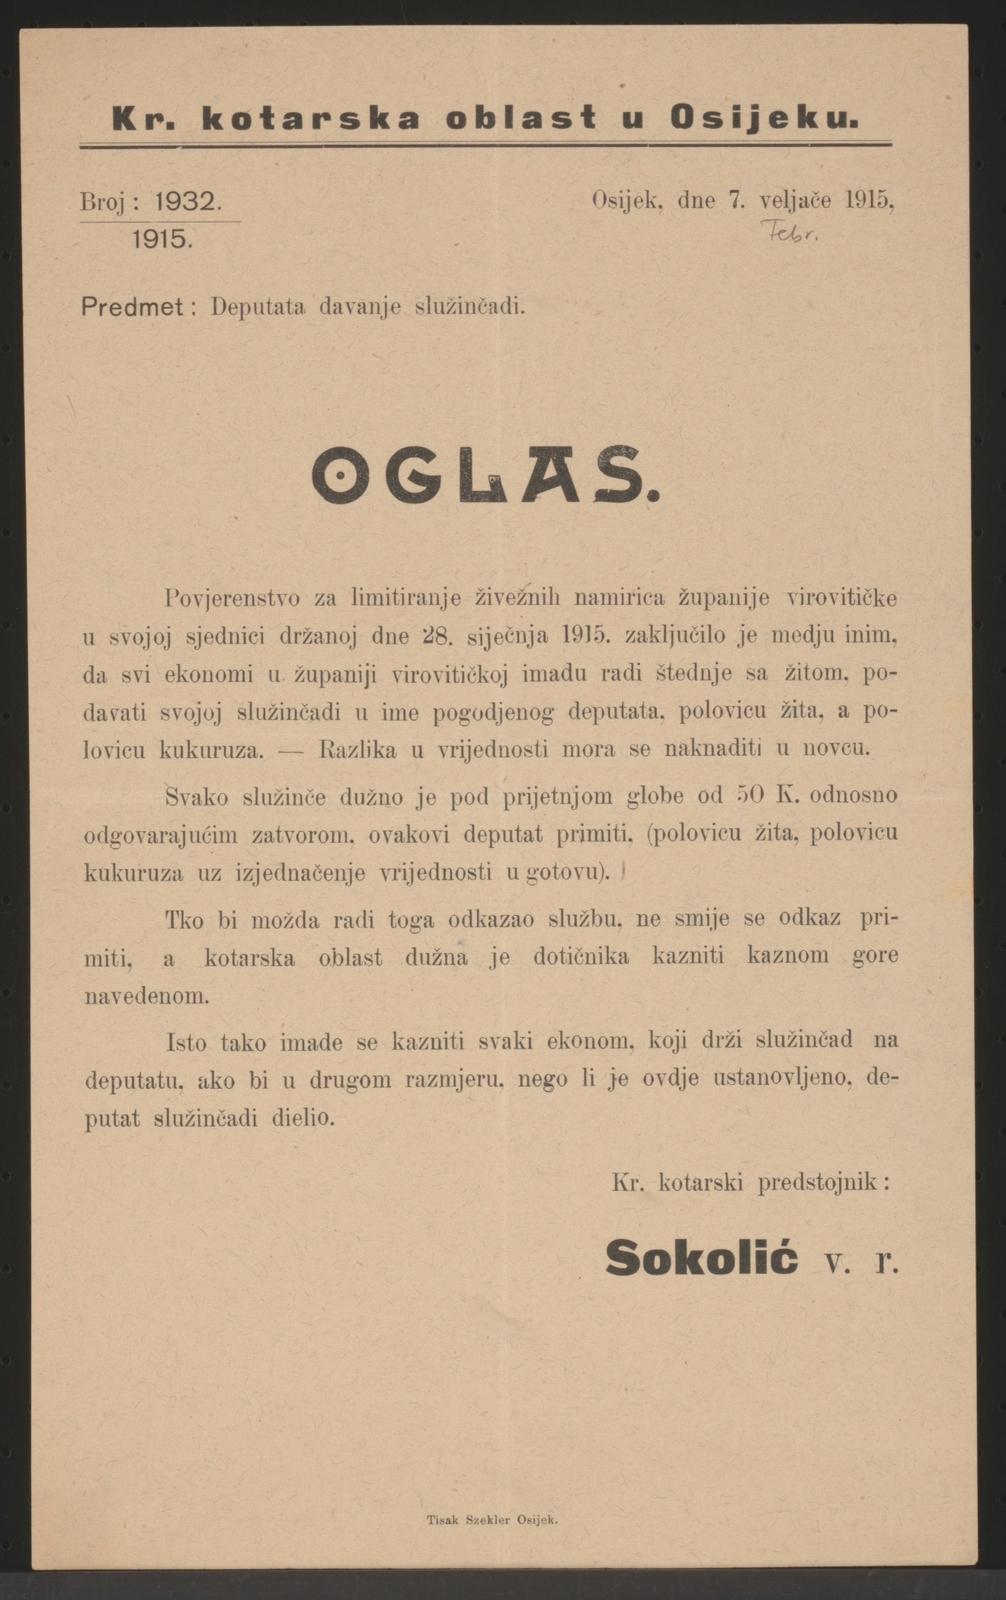 Maßnahmen zur Lebensmittelversorgung - Bekanntmachung - Osijek - In kroatischer Sprache